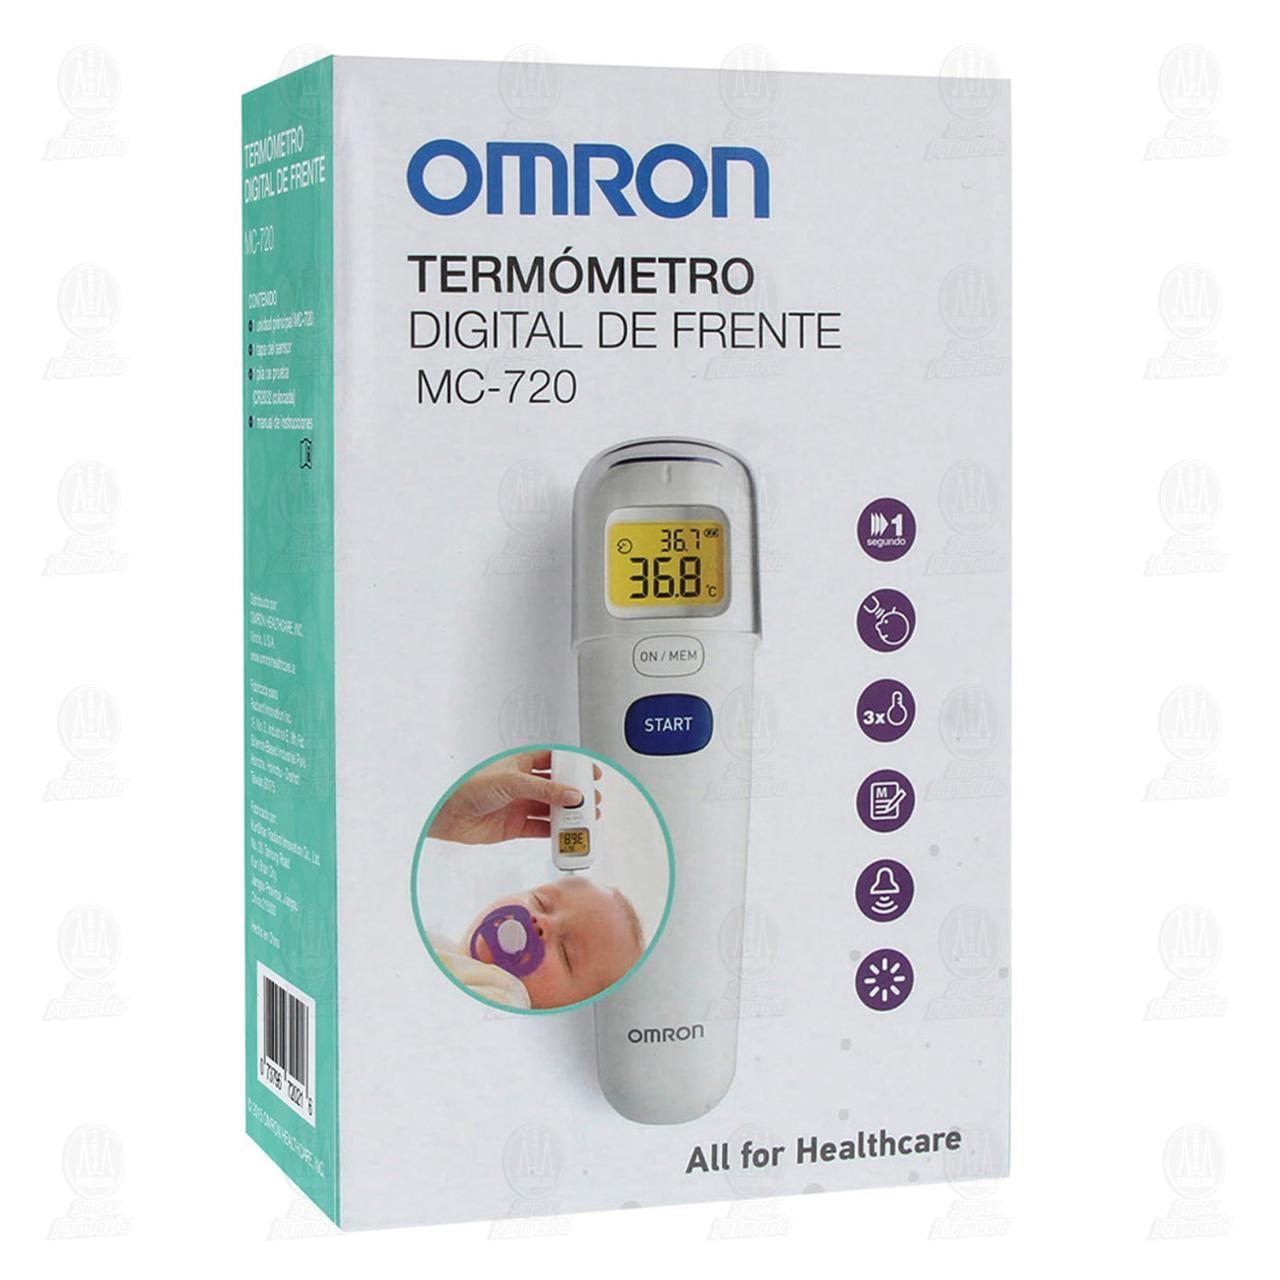 Comprar Termómetro Digital de Frente Omron MC-720 en Farmacias Guadalajara